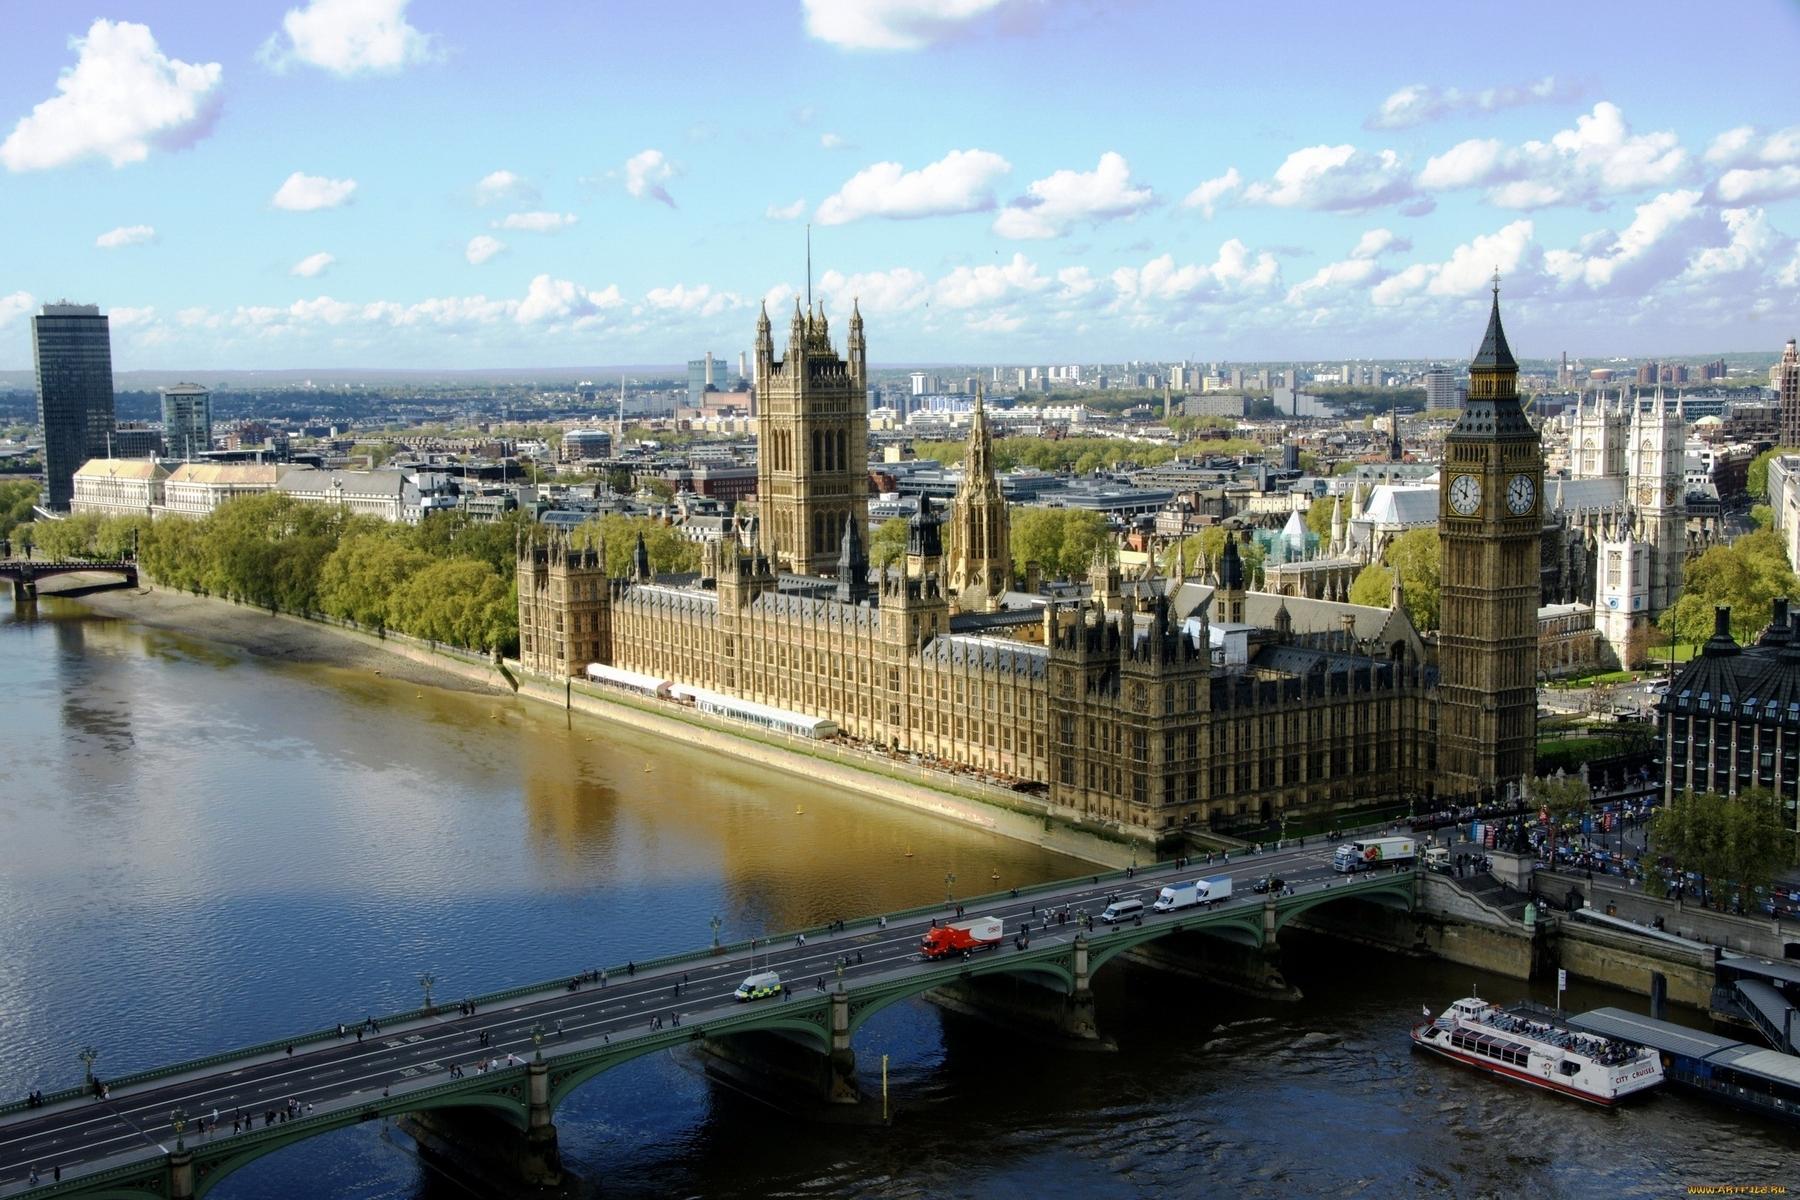 23841 скачать обои Пейзаж, Города, Река, Архитектура, Лондон, Биг Бен (Big Ben) - заставки и картинки бесплатно